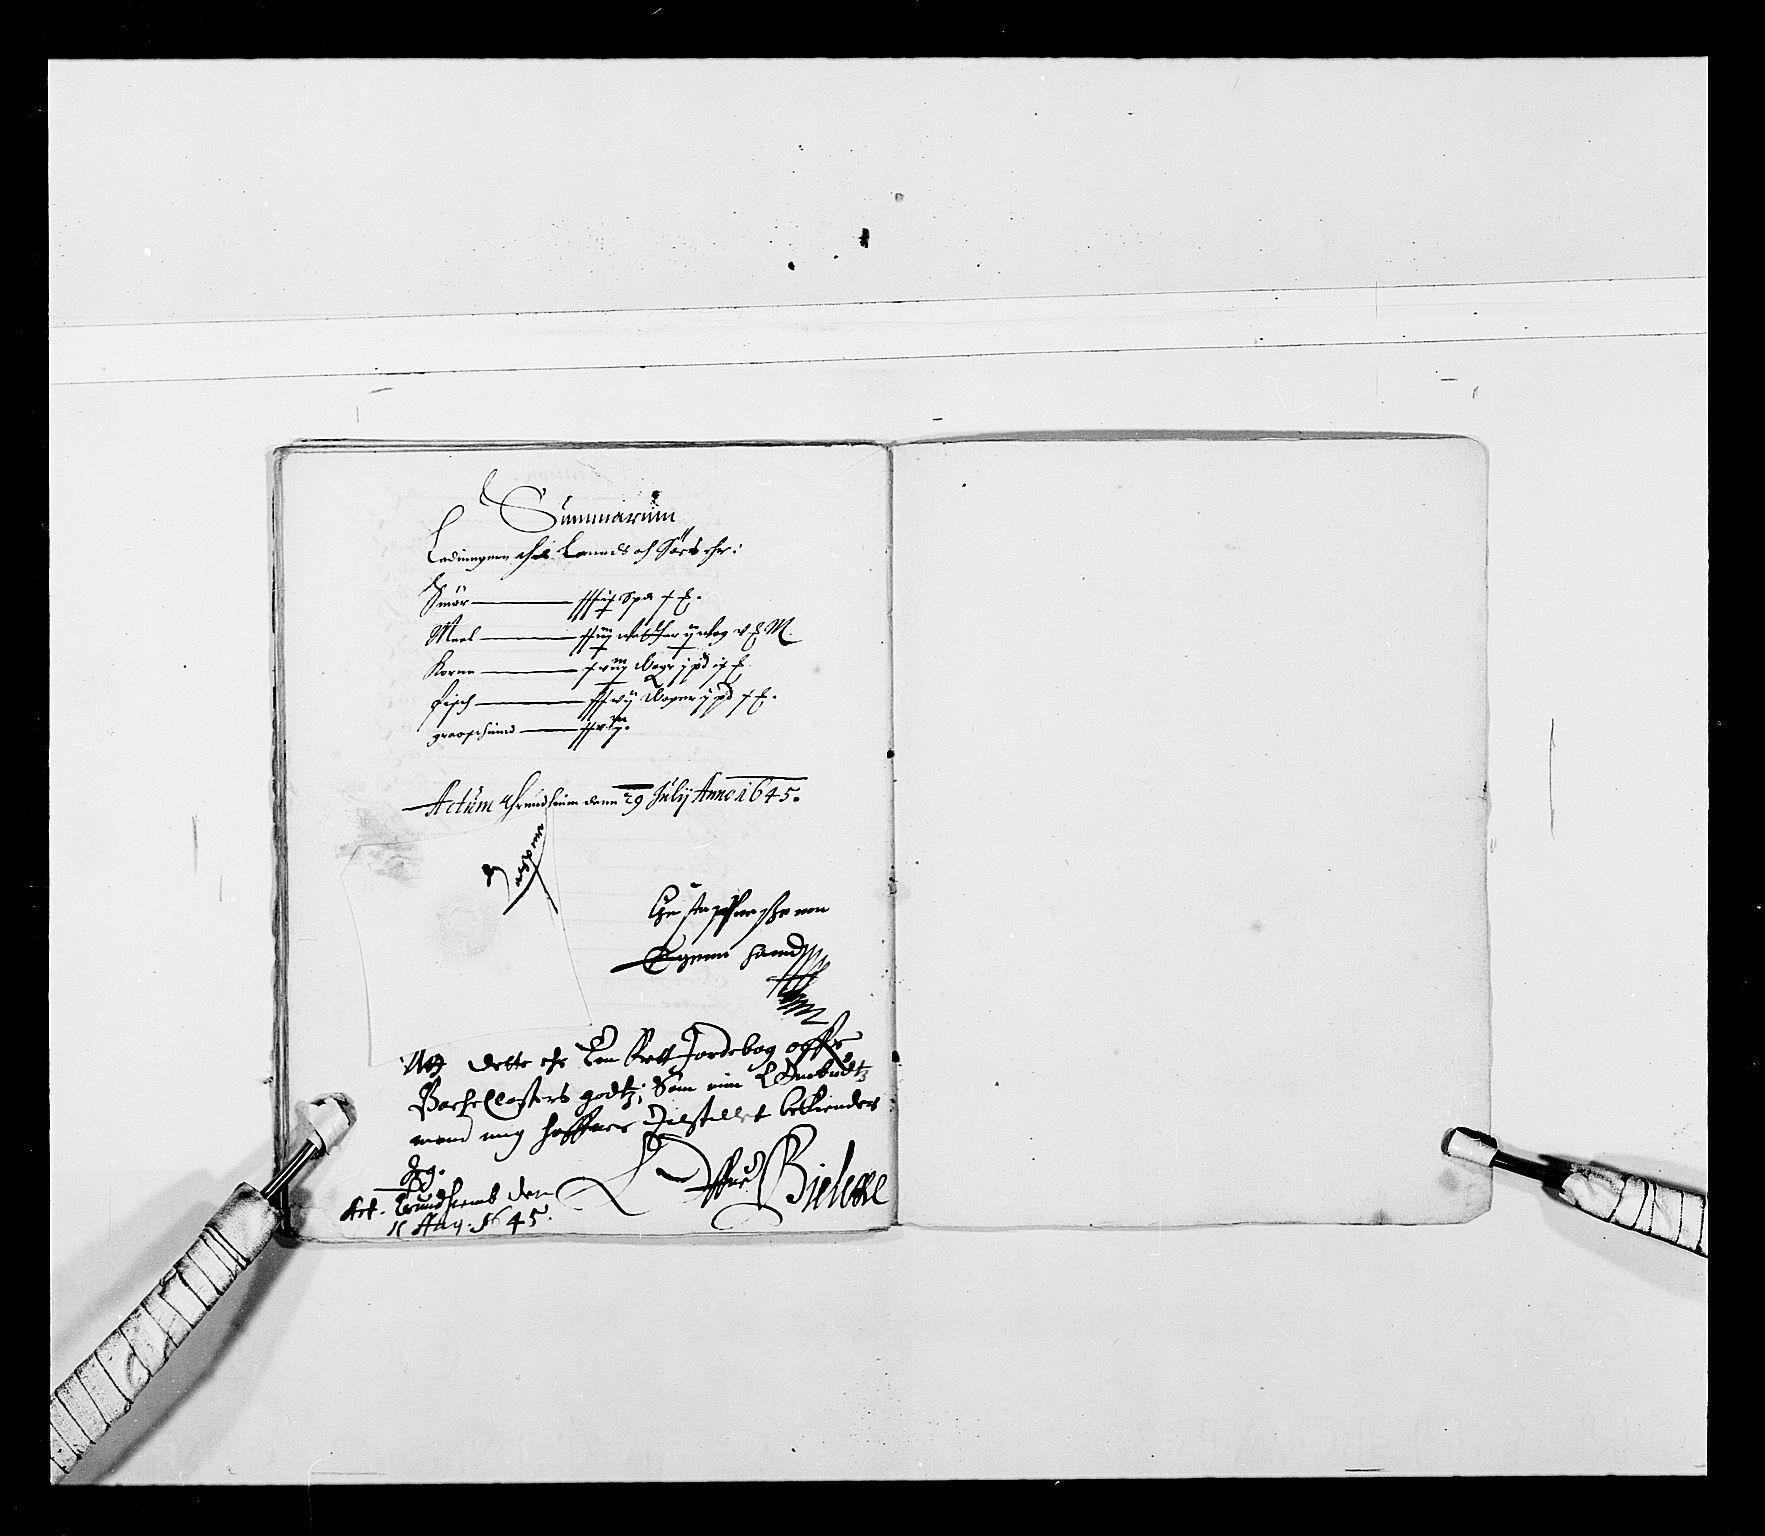 RA, Stattholderembetet 1572-1771, Ek/L0027: Jordebøker 1633-1658:, 1644-1645, s. 52